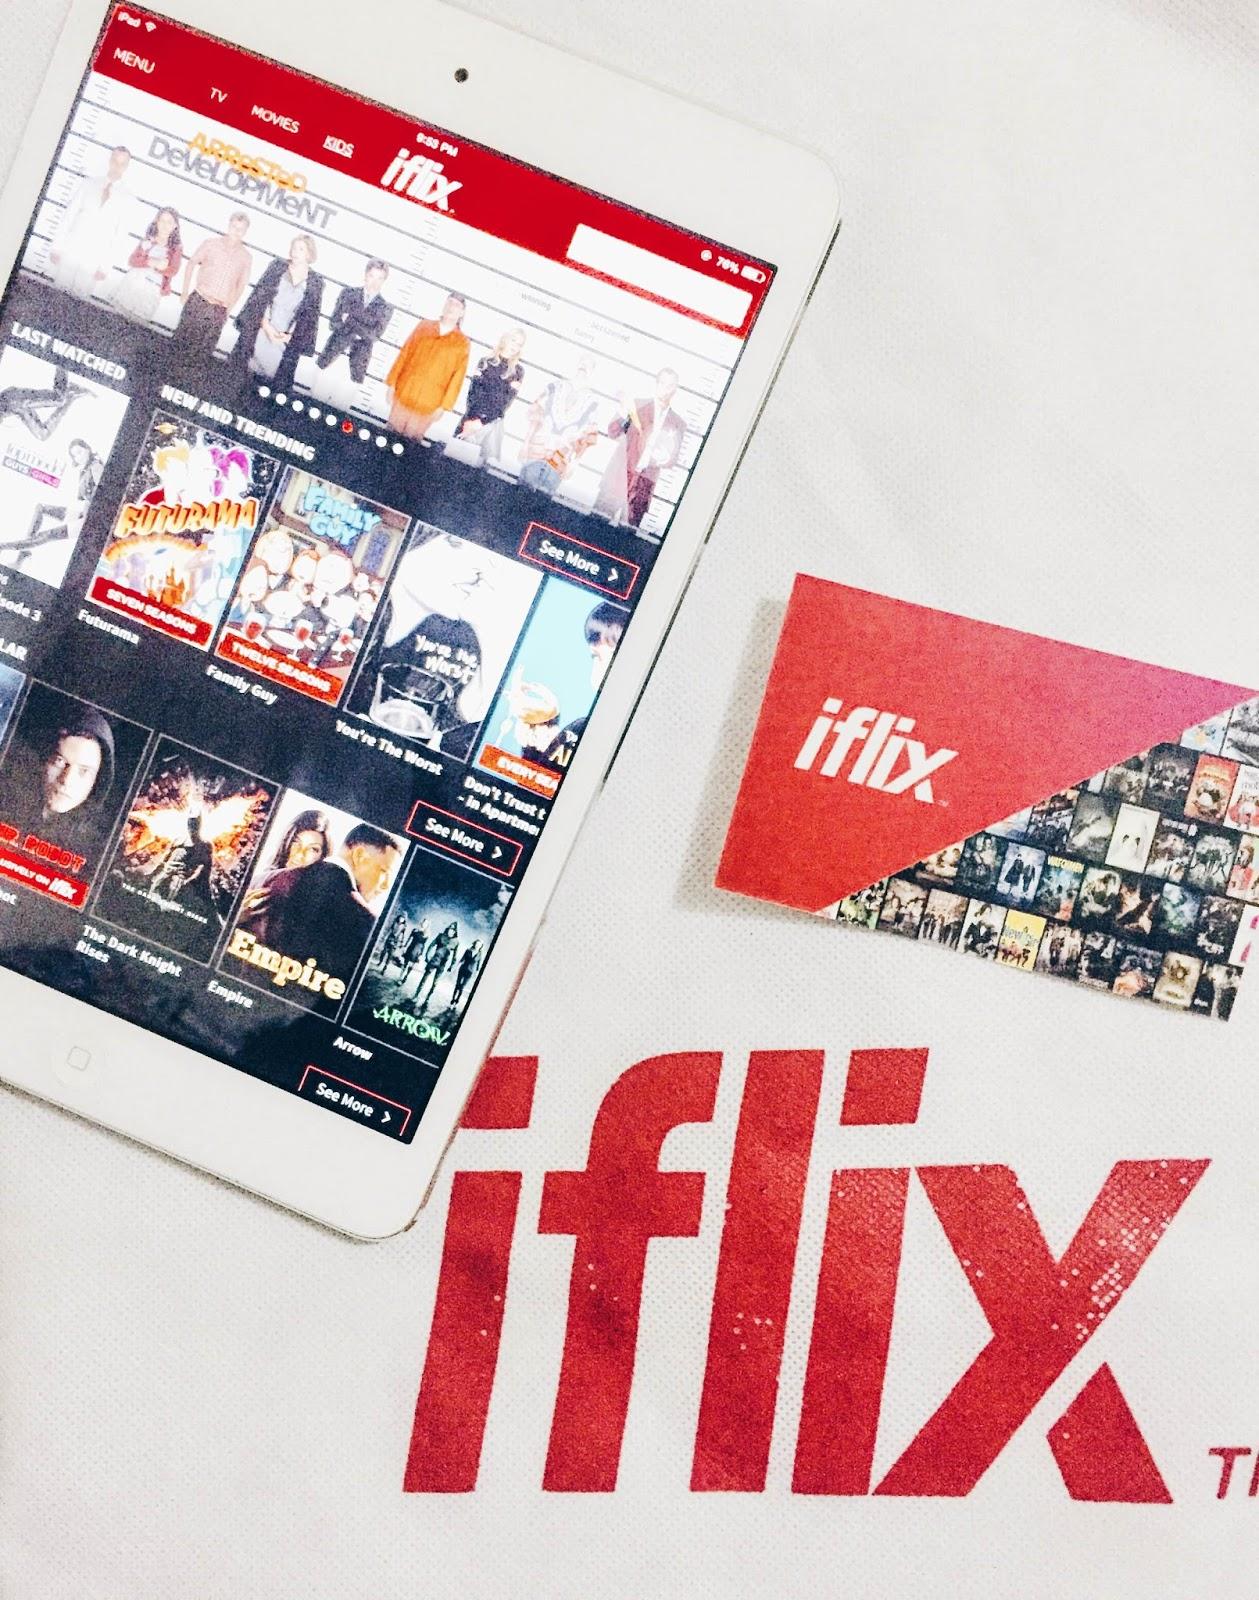 iflix philippines